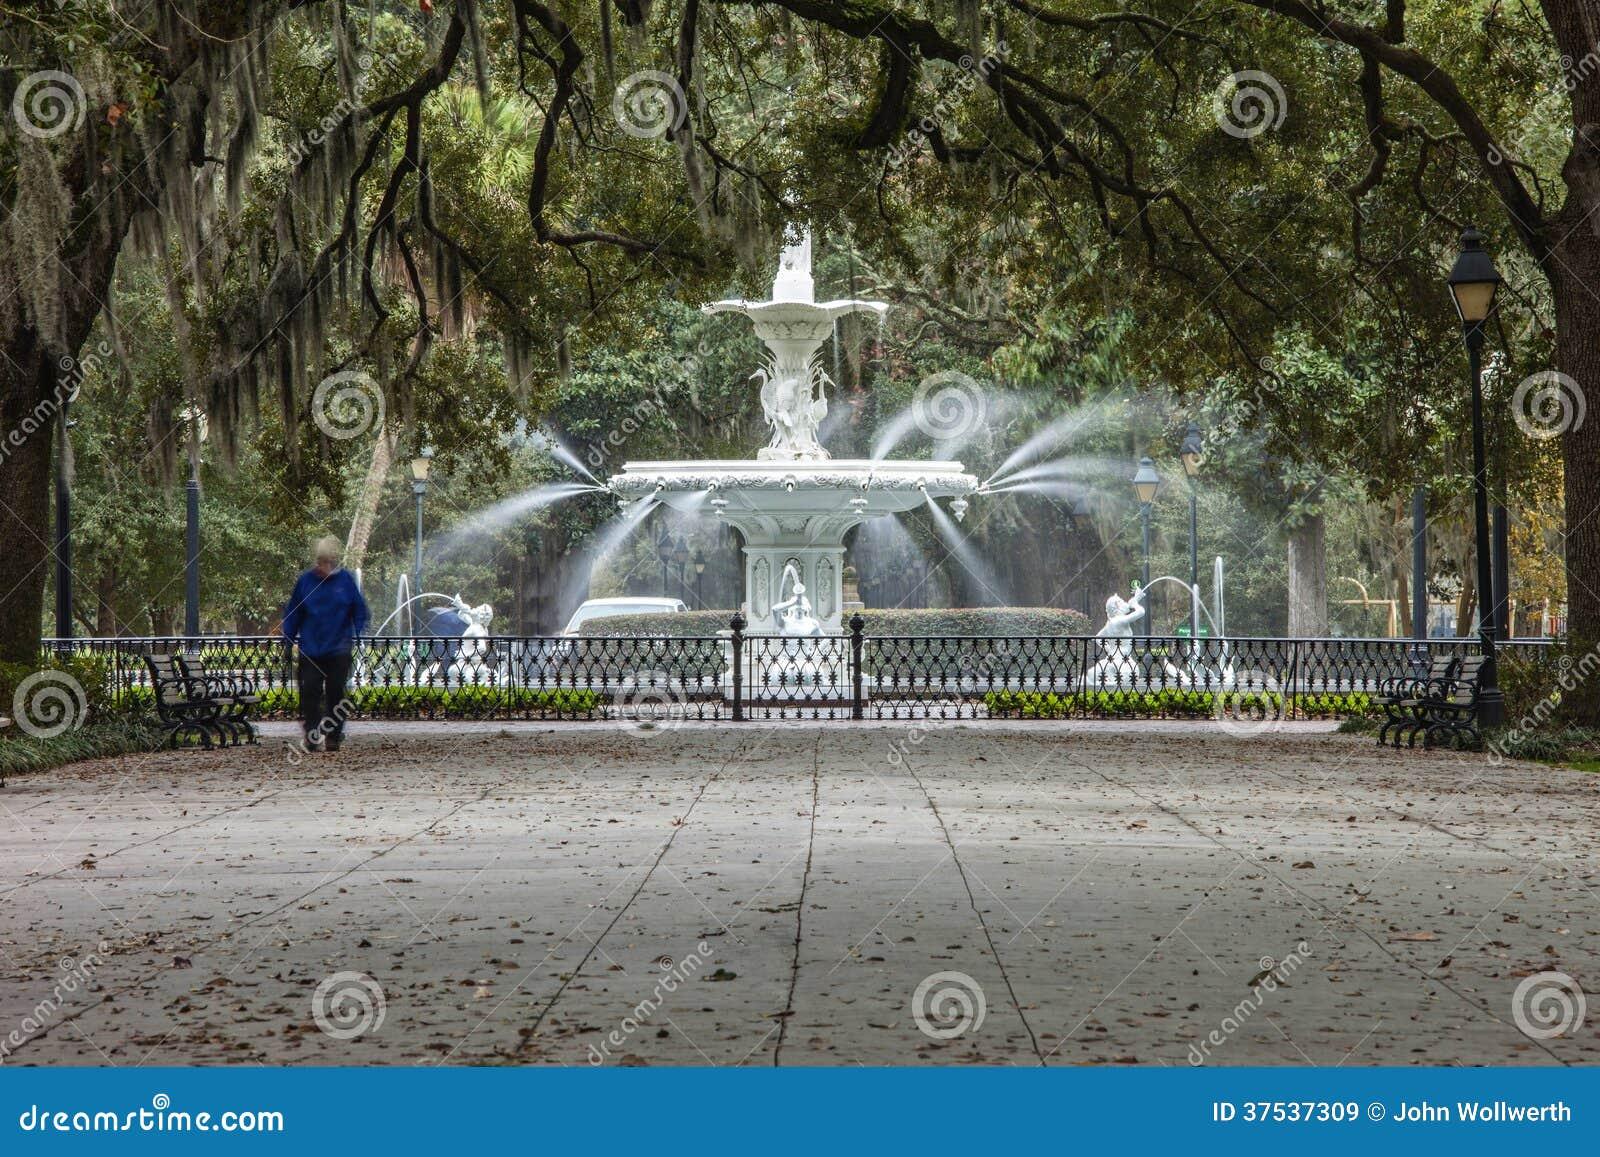 Forsyth park and fountain